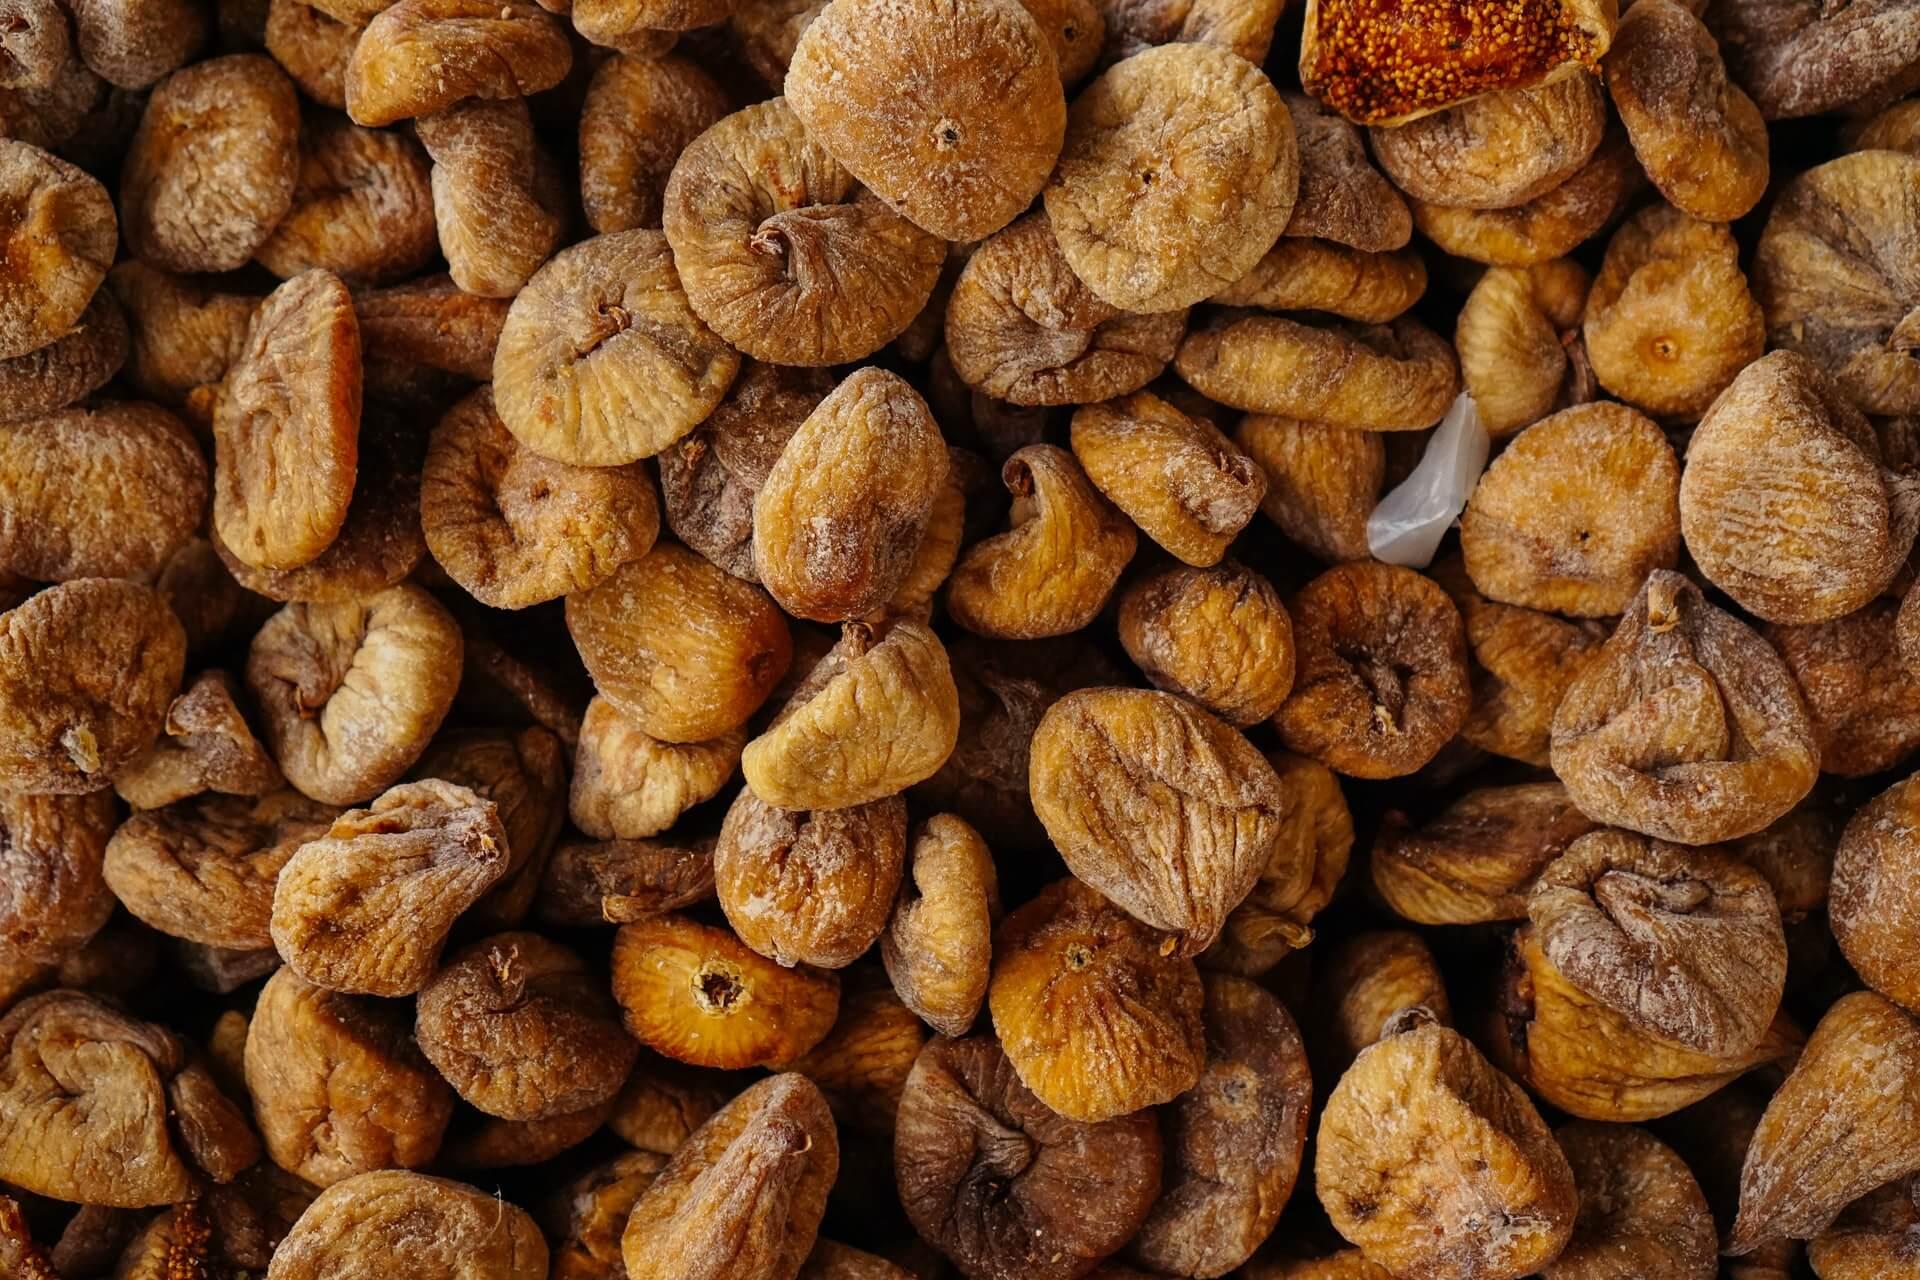 Τα ξερά σύκα έχουν περισσότερα σάκχαρα, αλλά διαθέτουν υψηλότερη αντιοξειδωτική δράση.